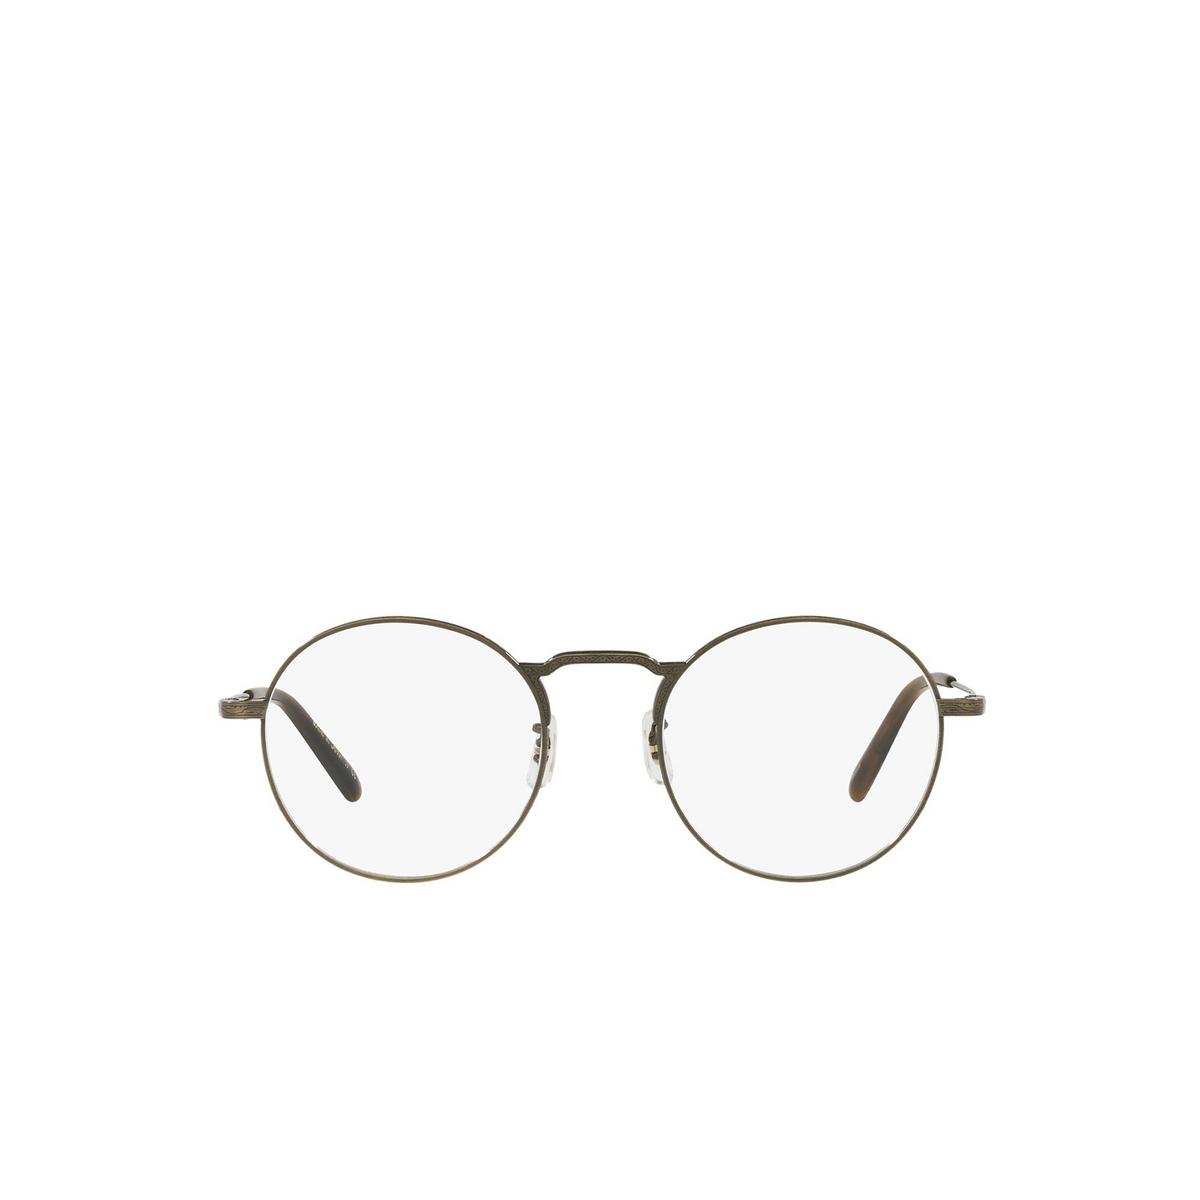 Oliver Peoples® Round Eyeglasses: Weslie OV1282T color Antique Gold 5284 - front view.